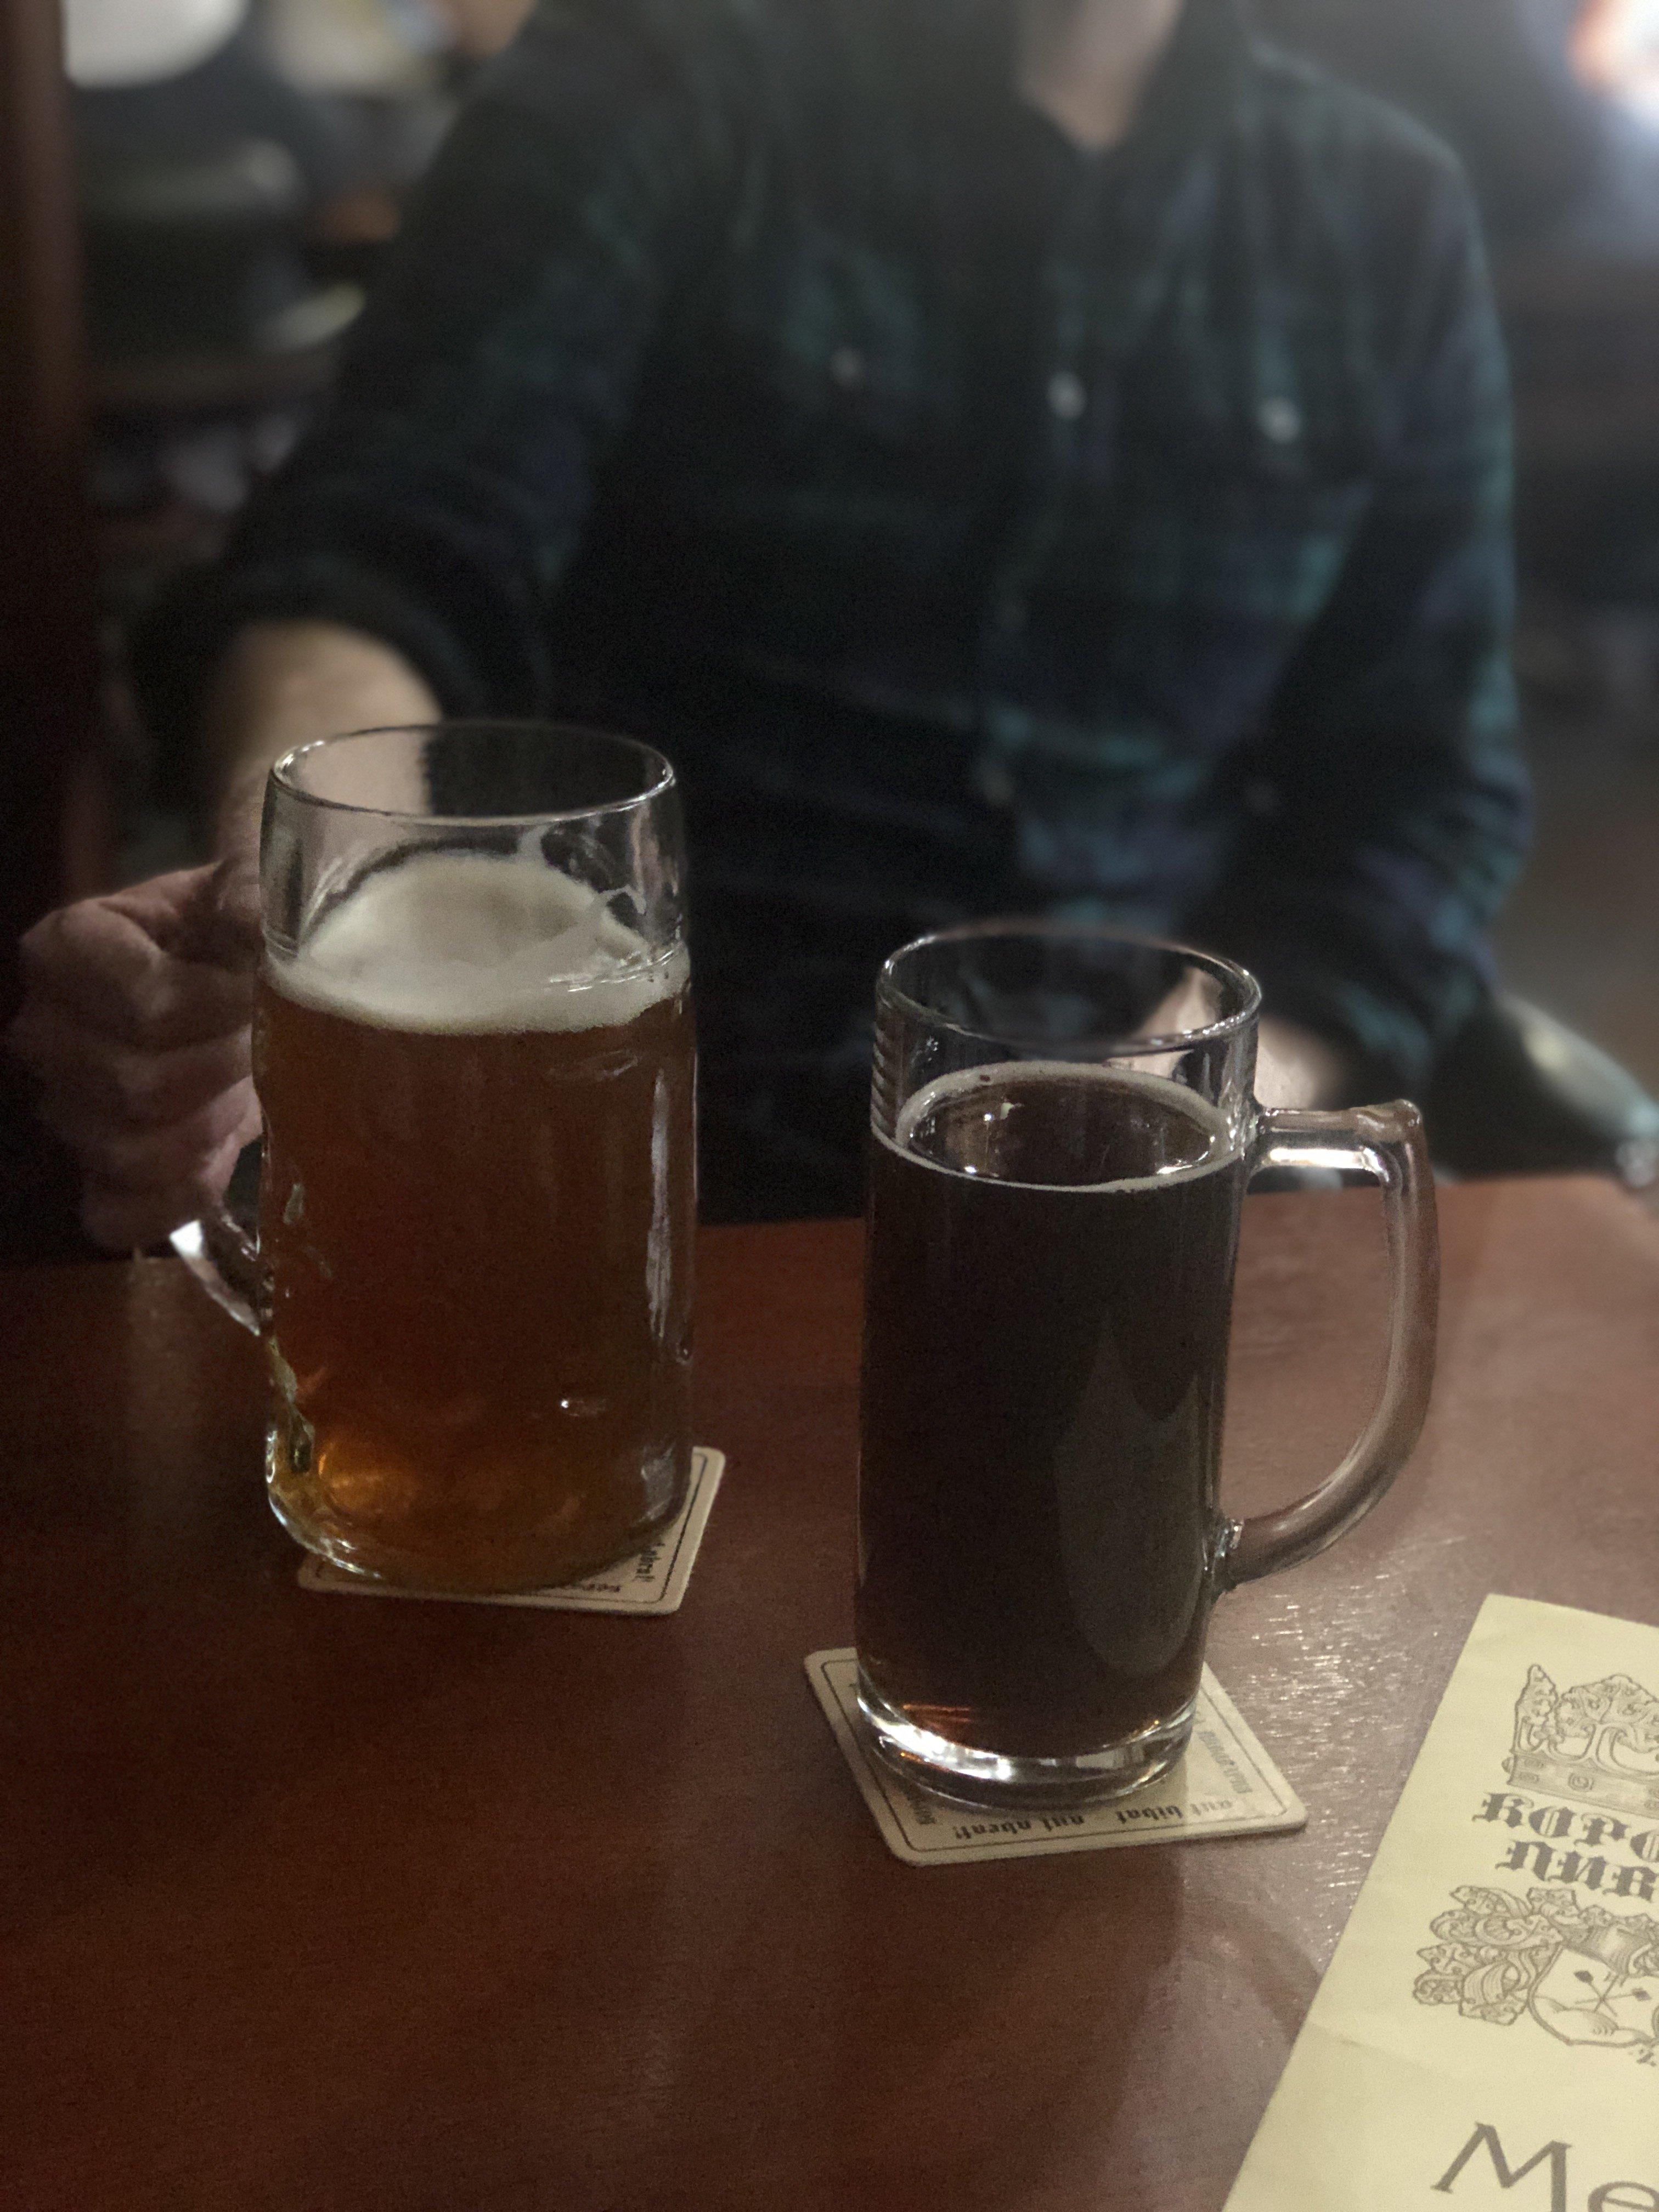 liter beers at Royal Brewery in Lviv